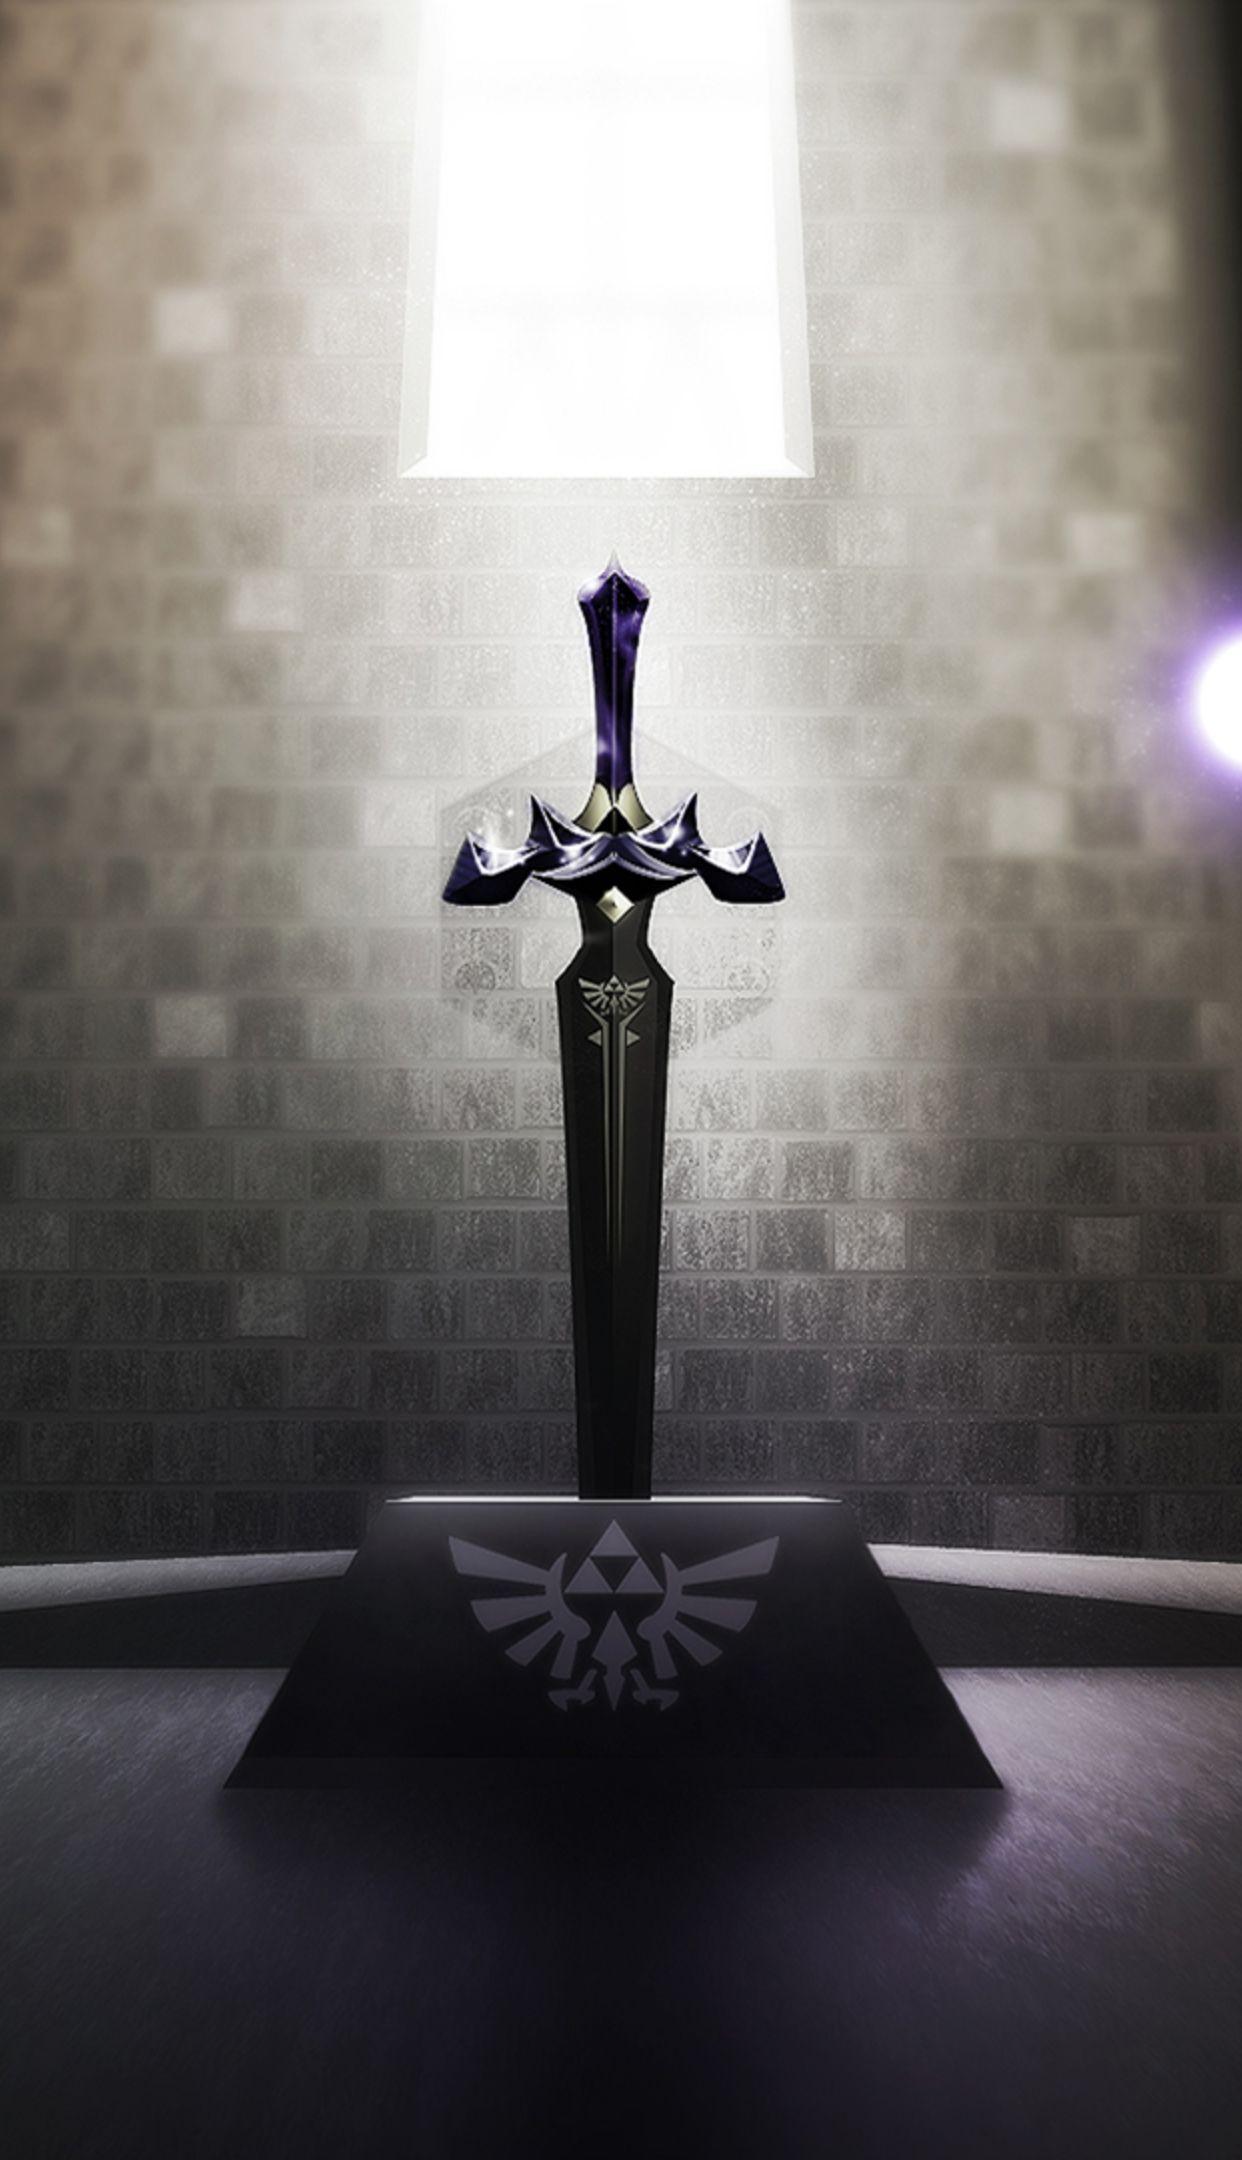 Download Master Sword Wallpaper Gallery 1242x2160